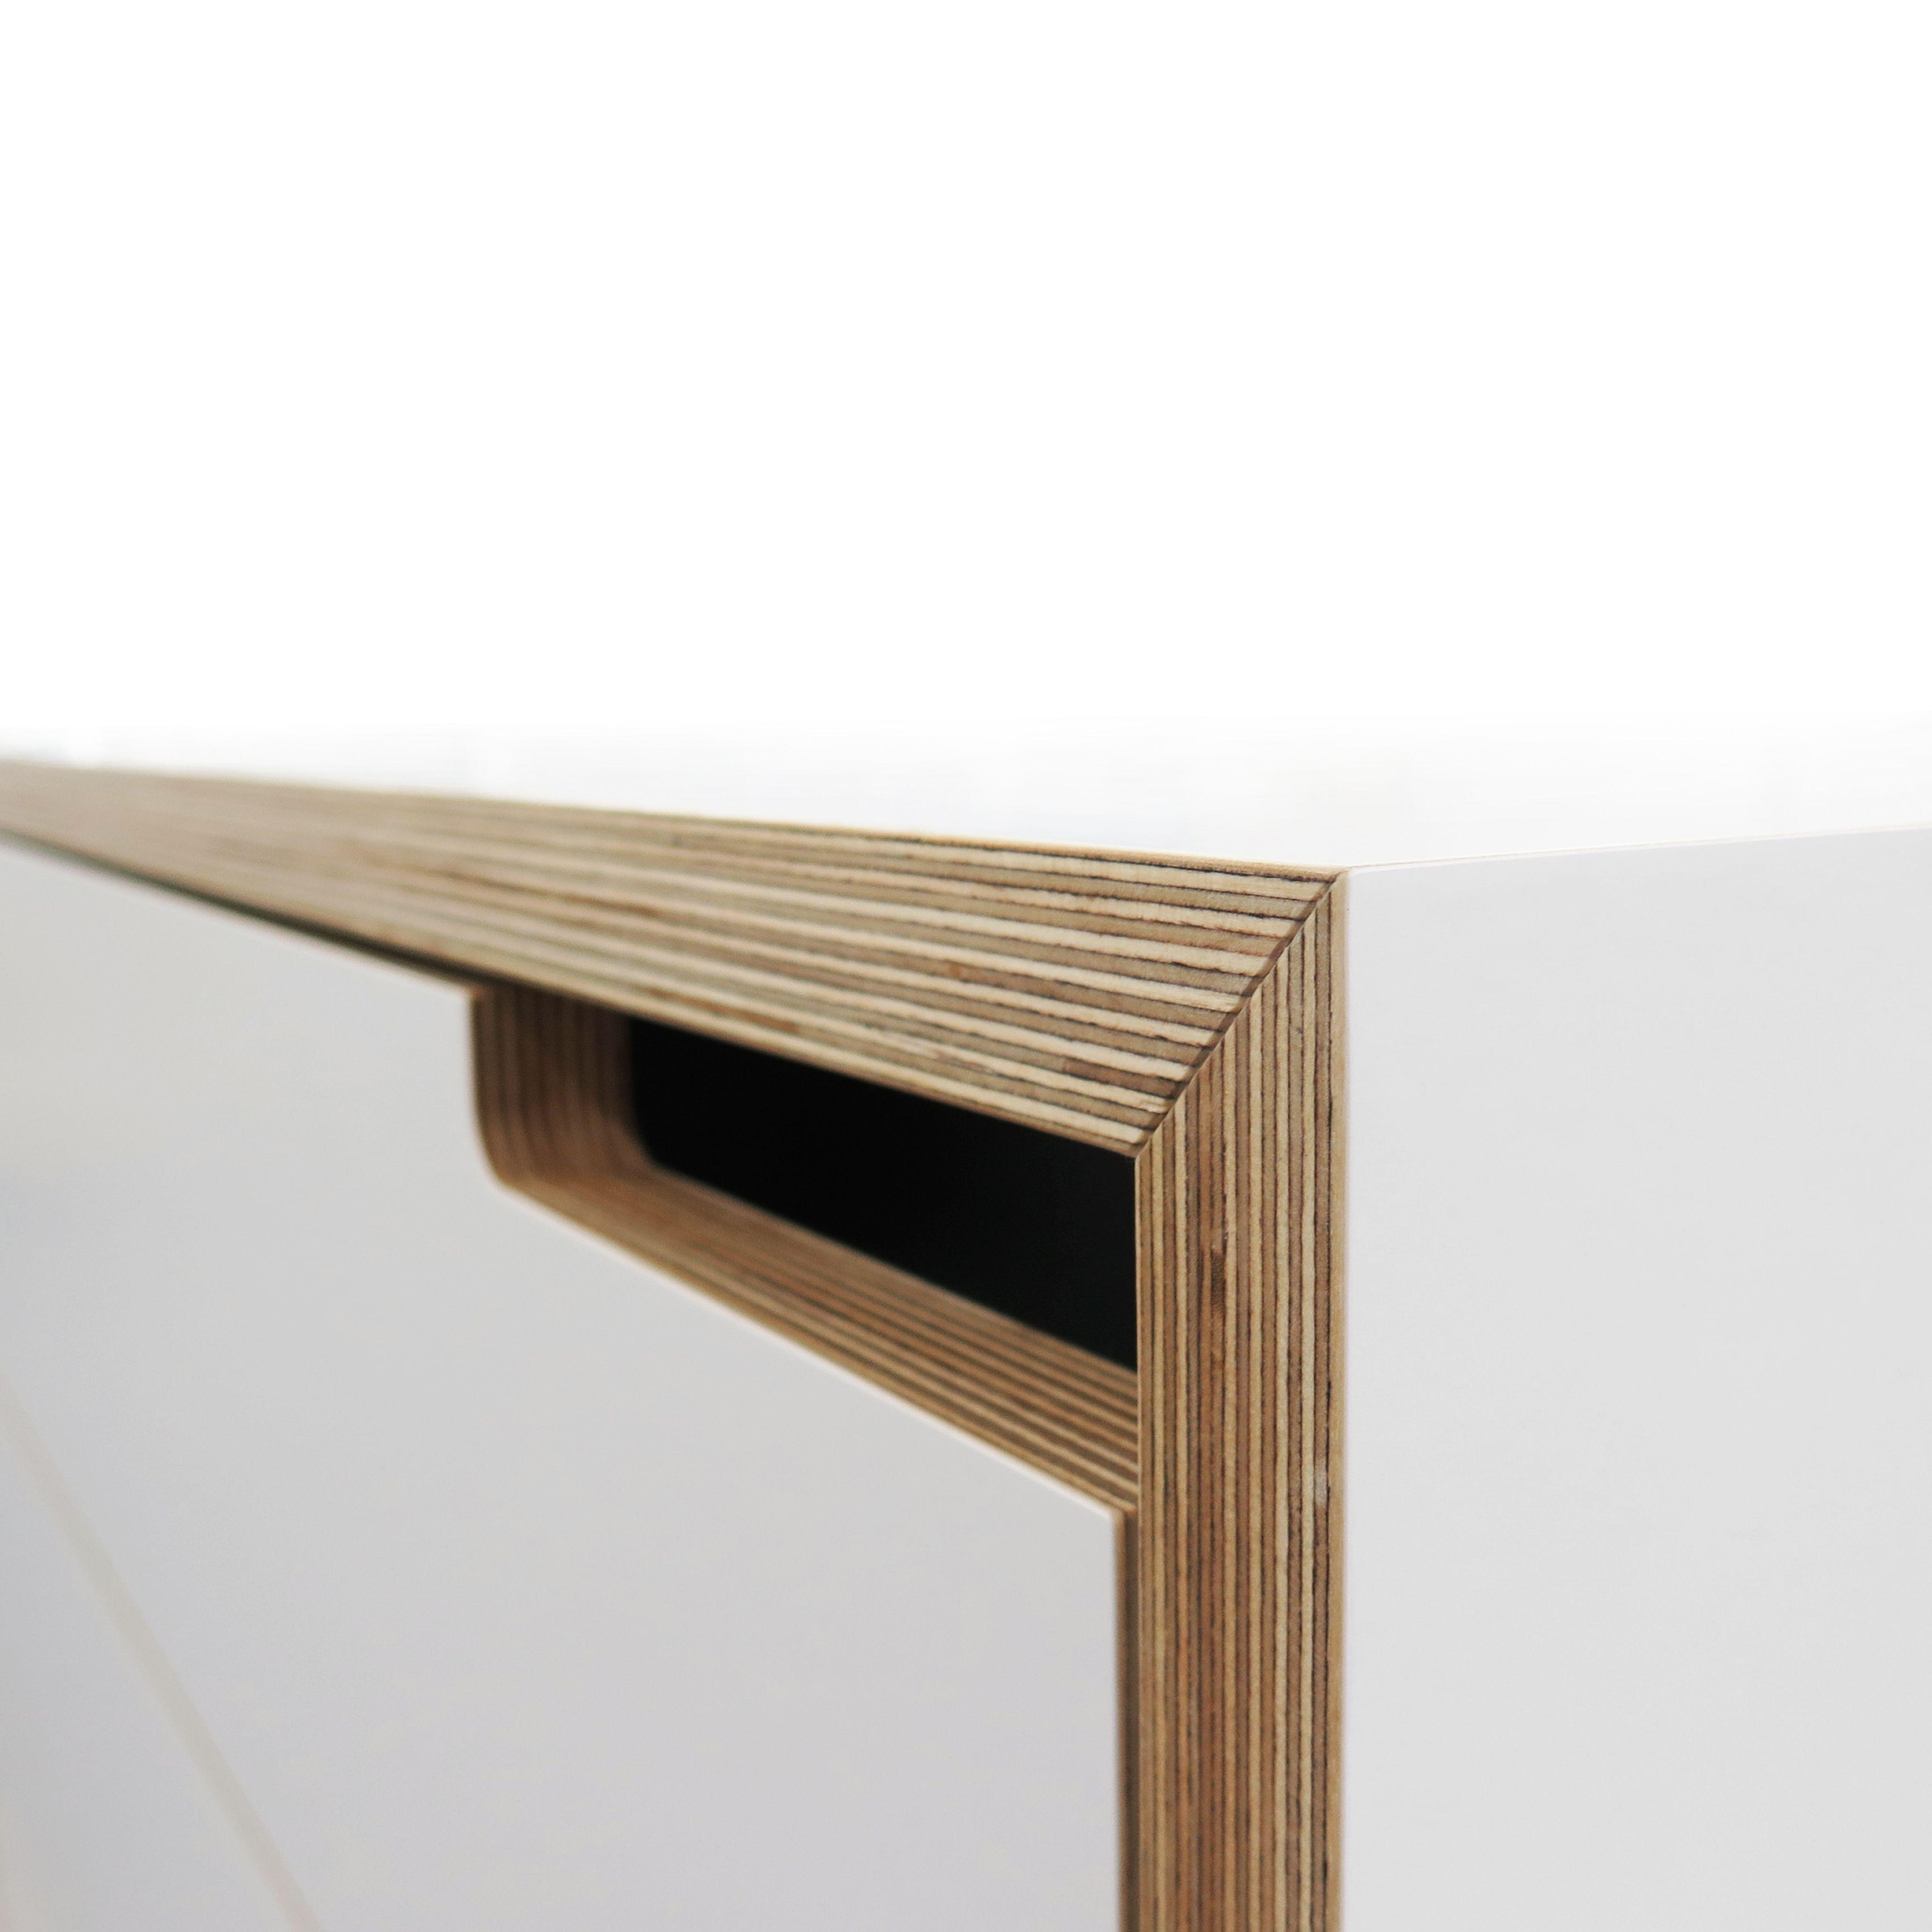 Sideboard In Farbigem Sperrholz Mobeldesign Design Sperrholz